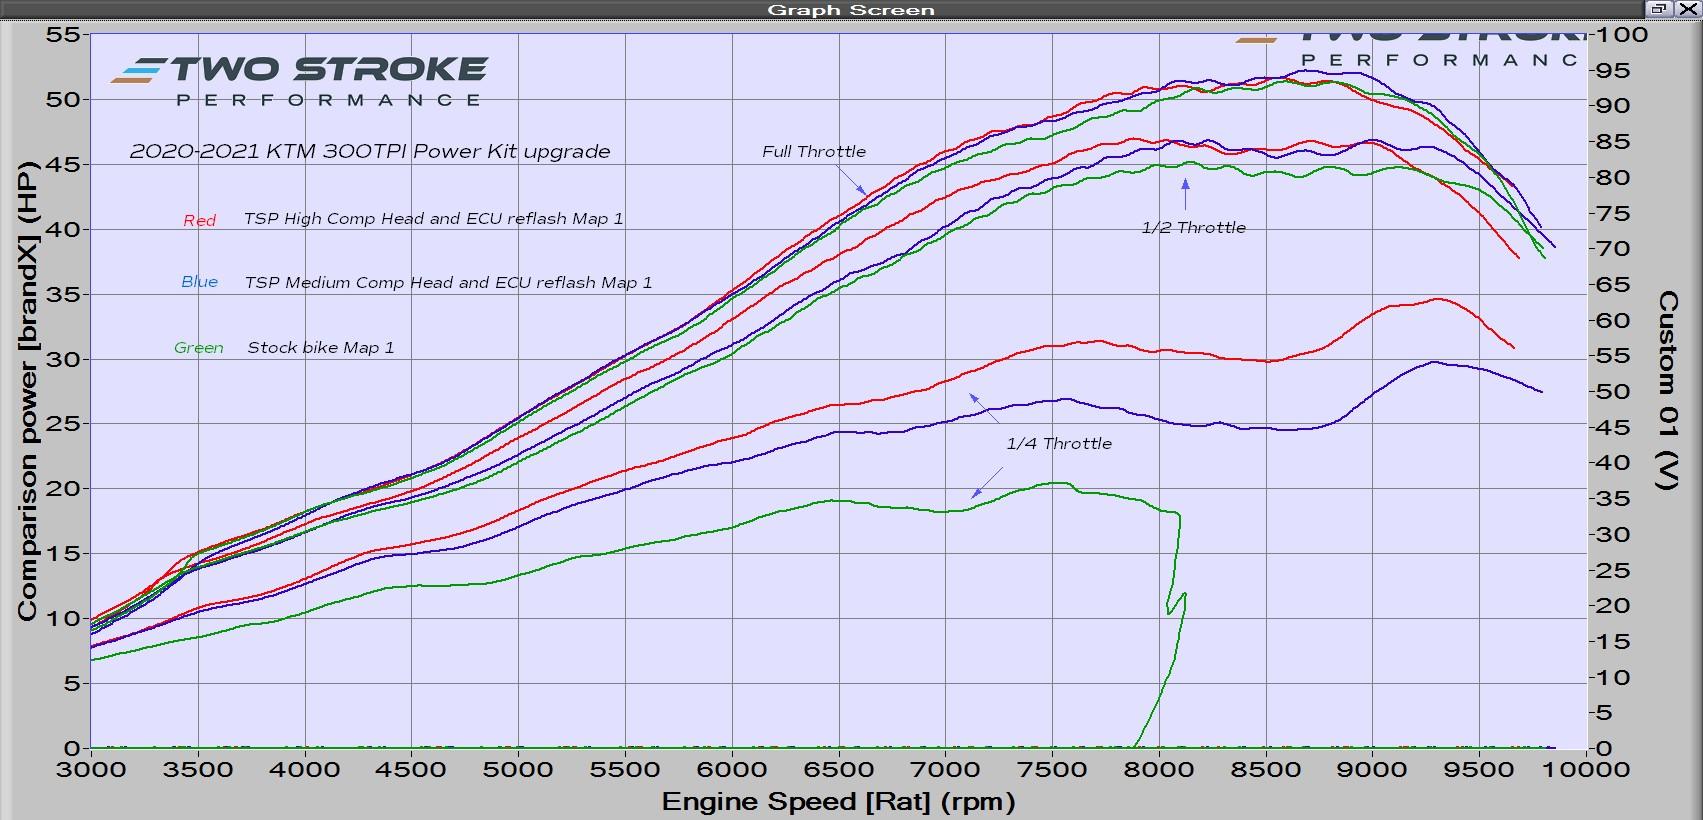 300TPI 2020 Power Kit Dyno Curves